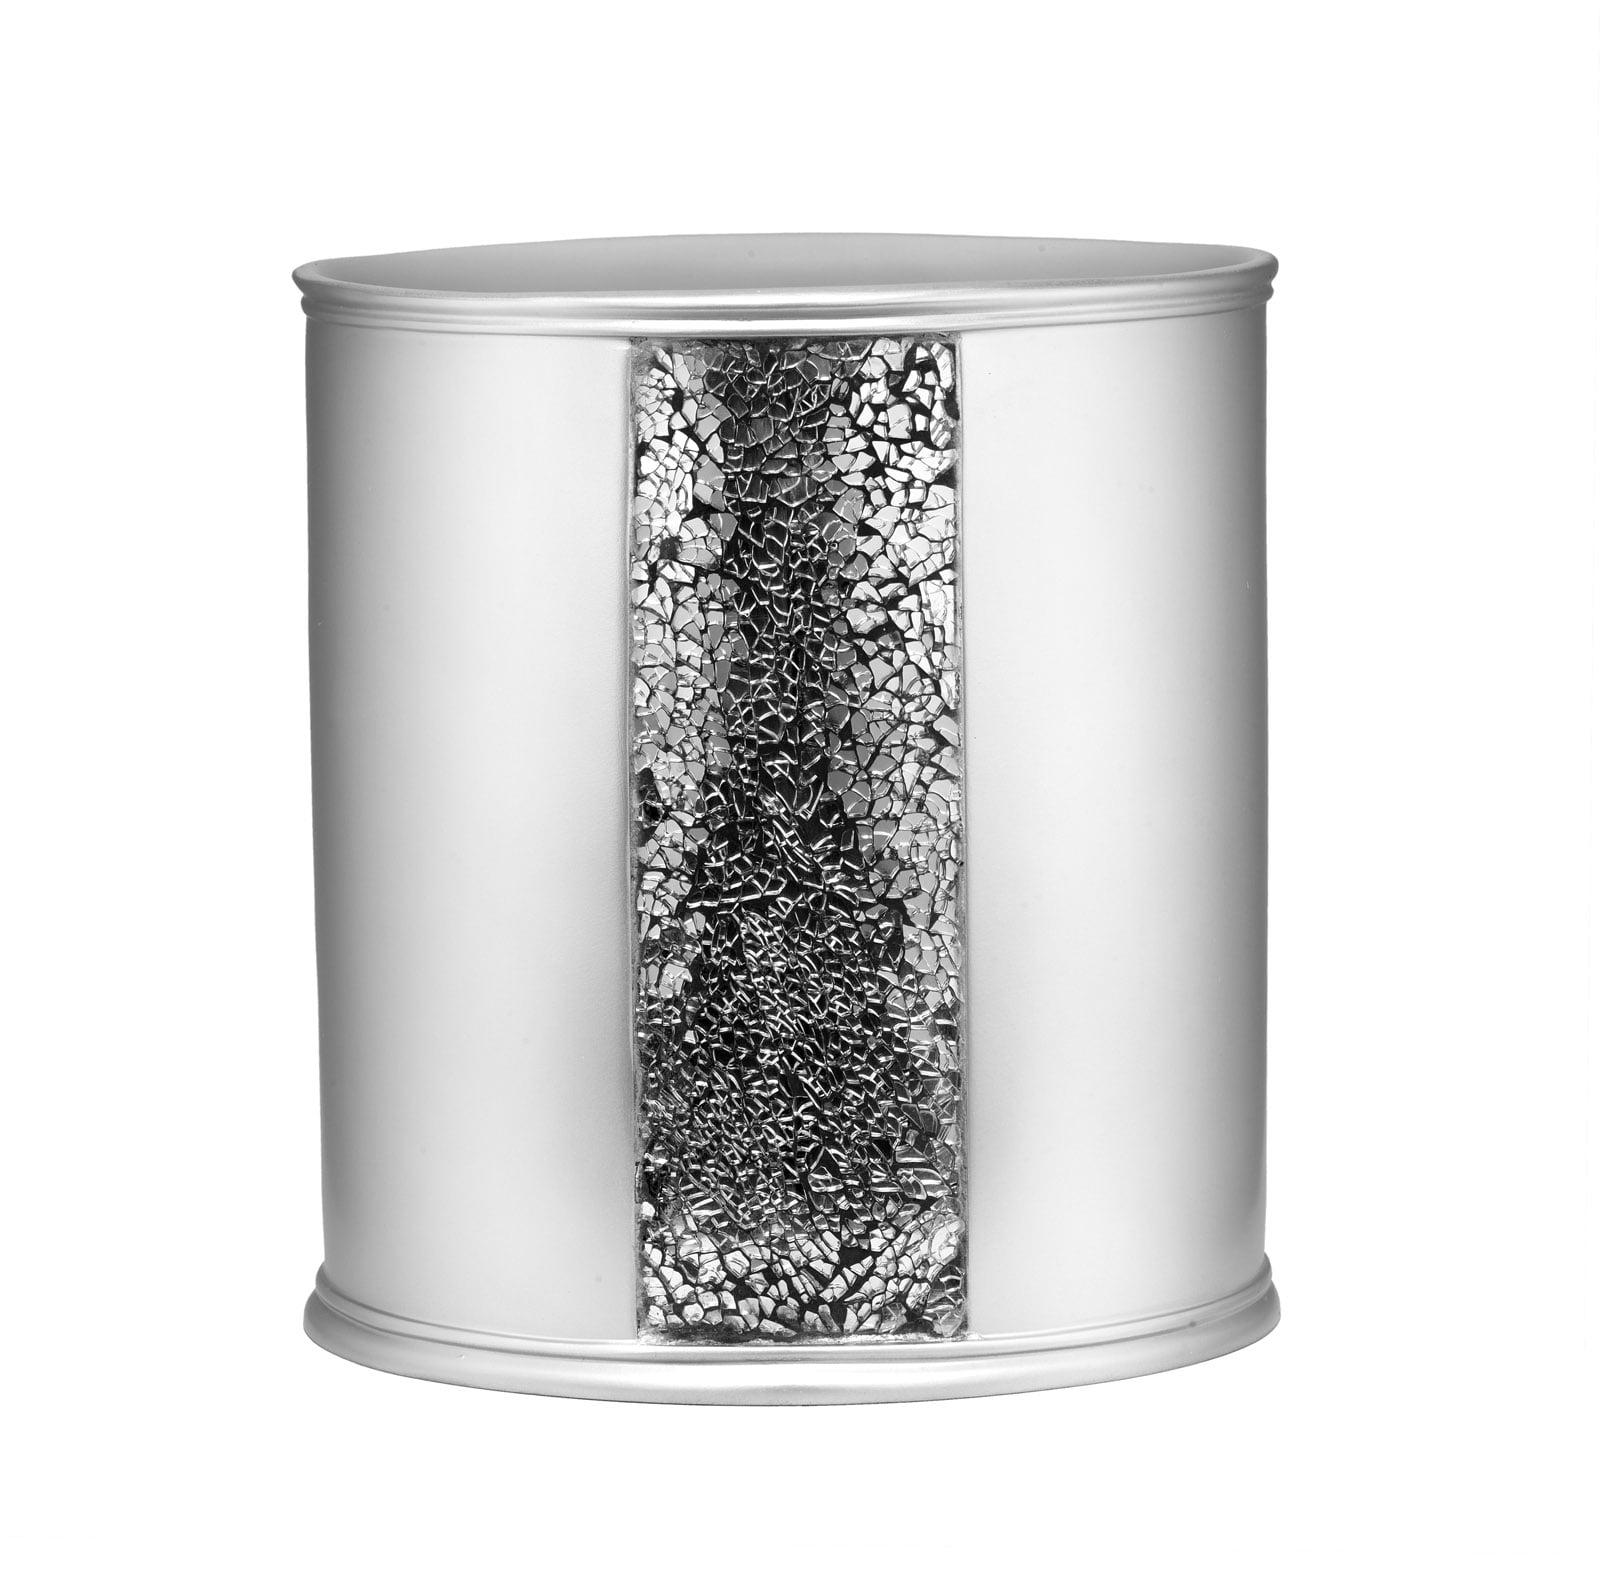 Popular Bath Sinatra Silver Collection - Bathroom Waste Basket